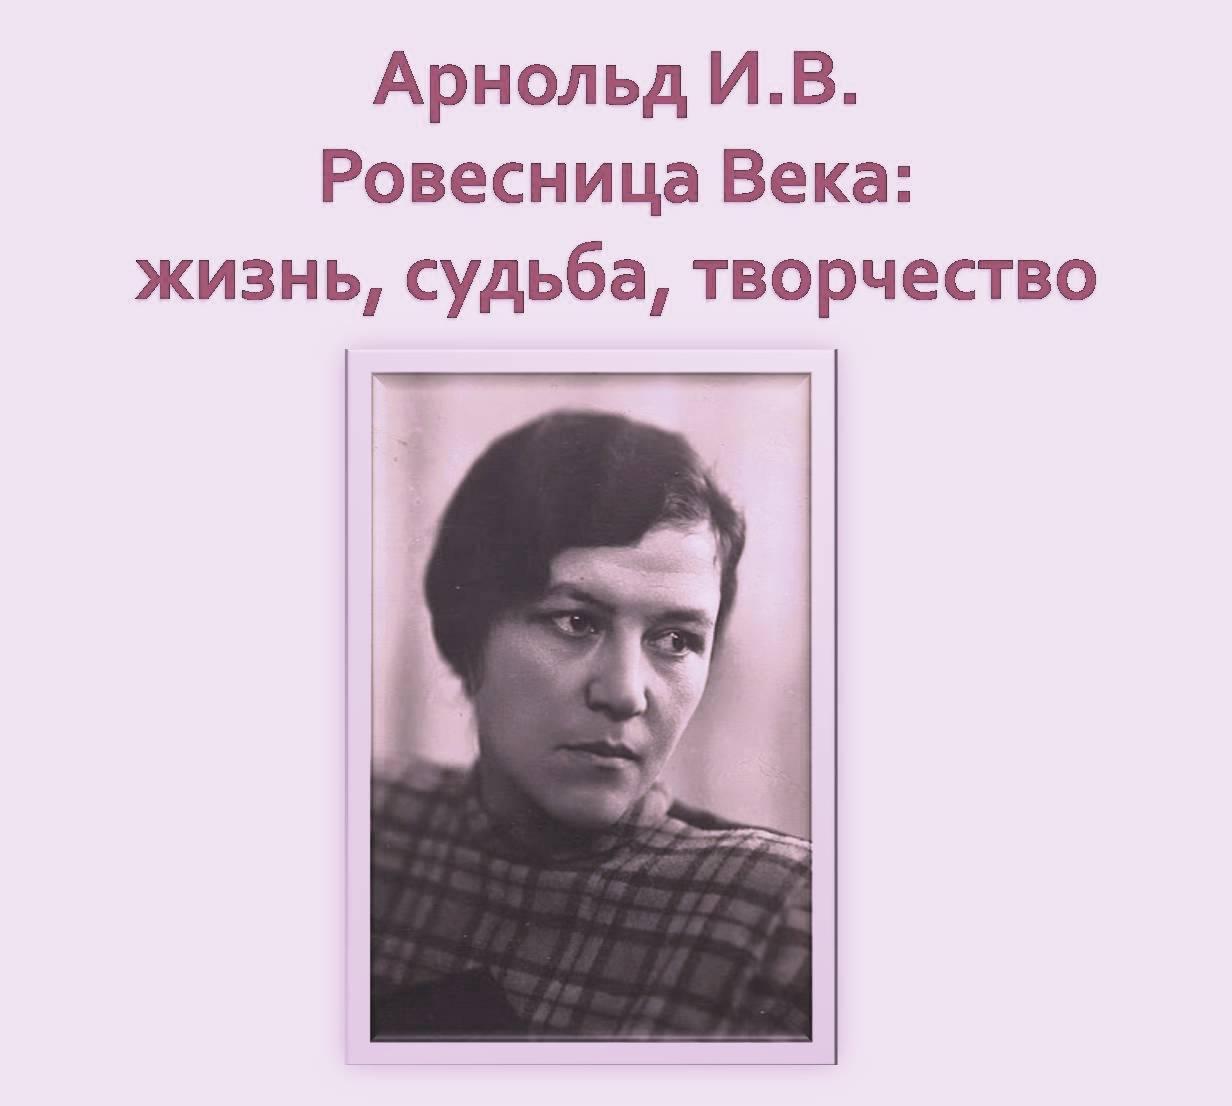 сайт филологического факультета герцена: